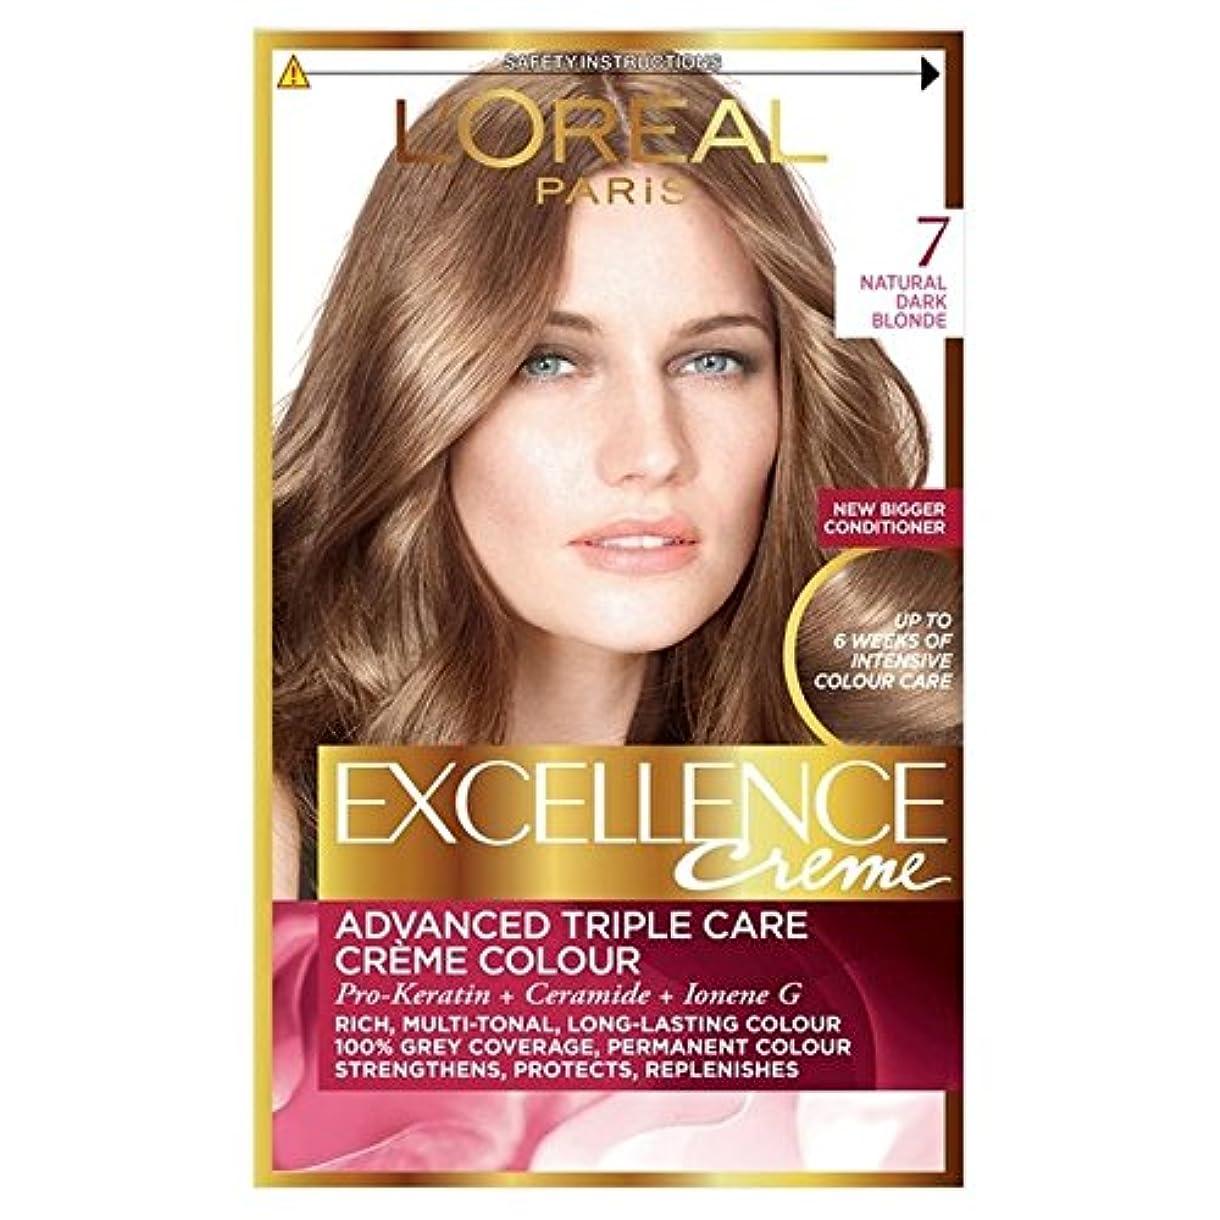 サイクルフランクワースリー鮮やかな7自然なダークブロンドロレアルの卓越性 x2 - L'Oreal Excellence Natural Dark Blonde 7 (Pack of 2) [並行輸入品]